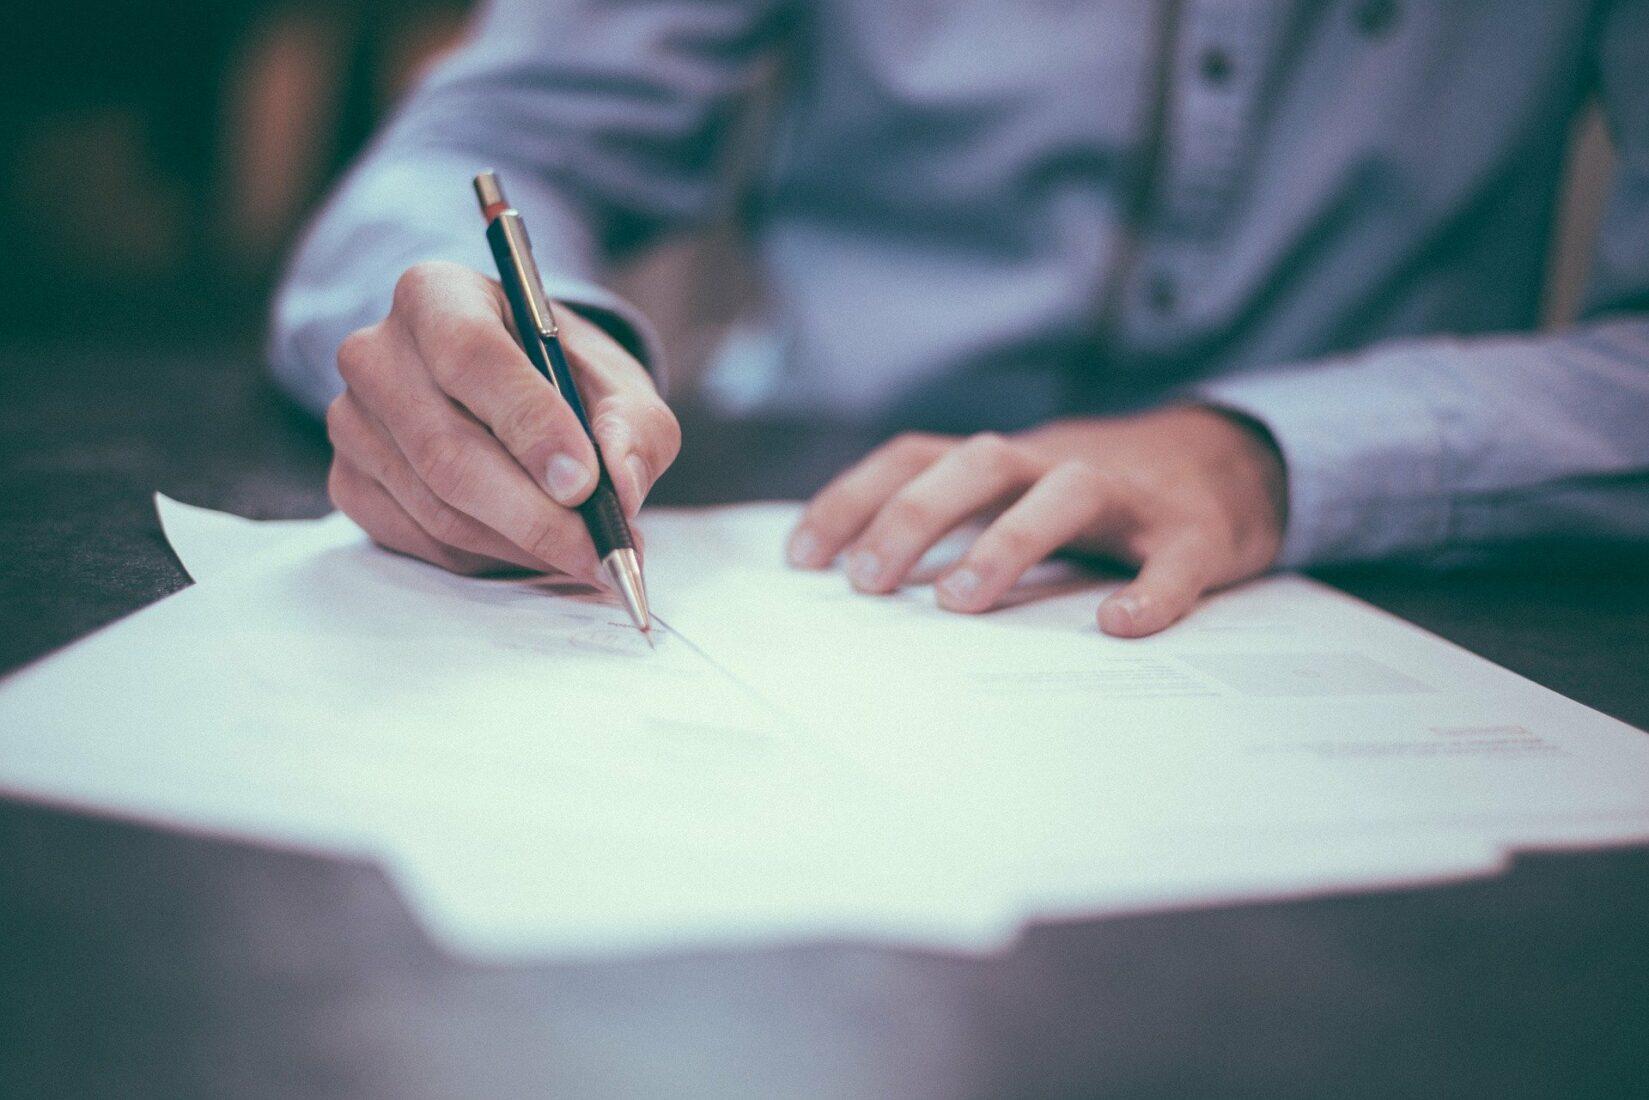 Rund jeder vierte 2020 begonnene Ausbildungsvertrag wurde vorzeitig gelöst. Foto: Pixabay